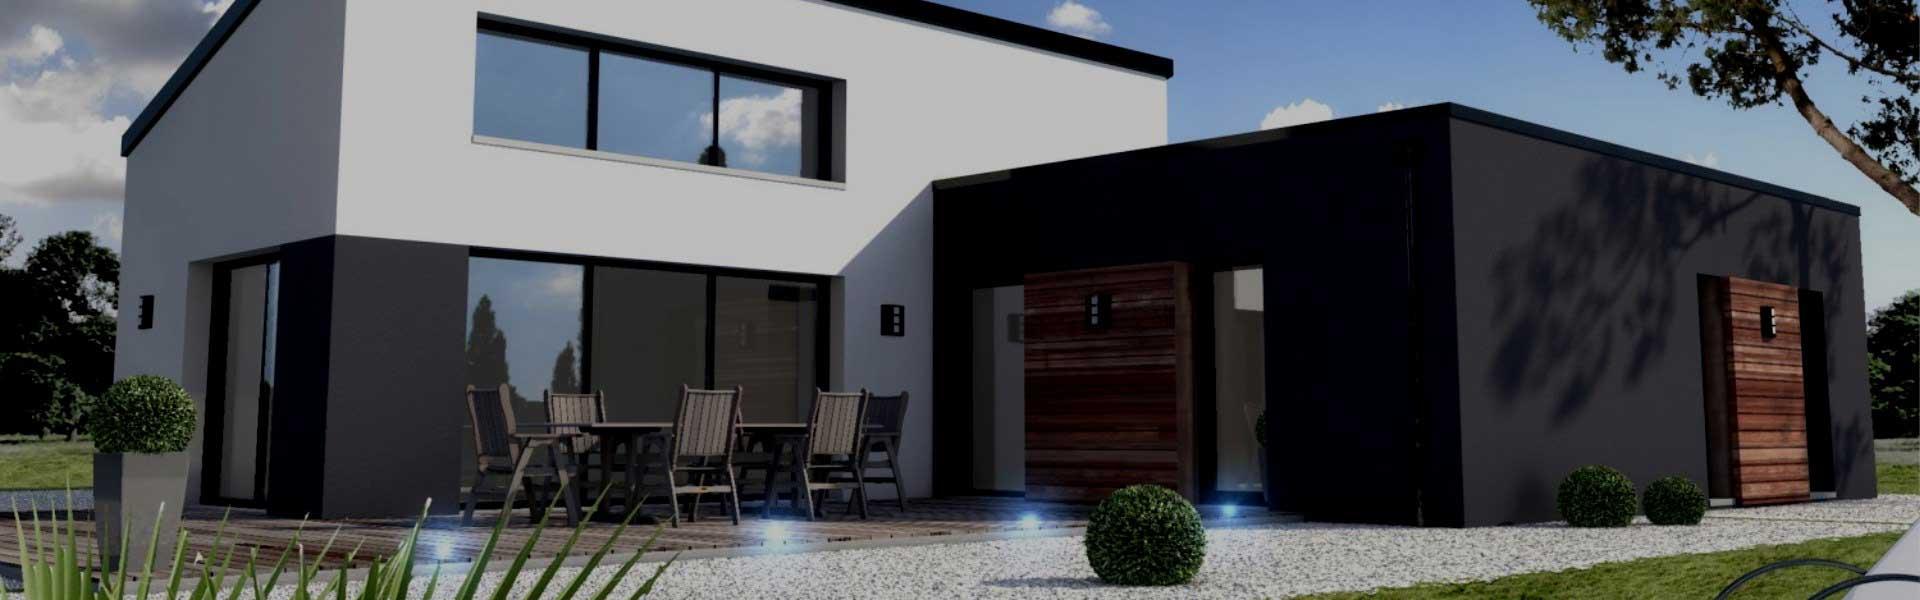 Constru o de casa moderna casa amarela obras for Casa moderna 2017